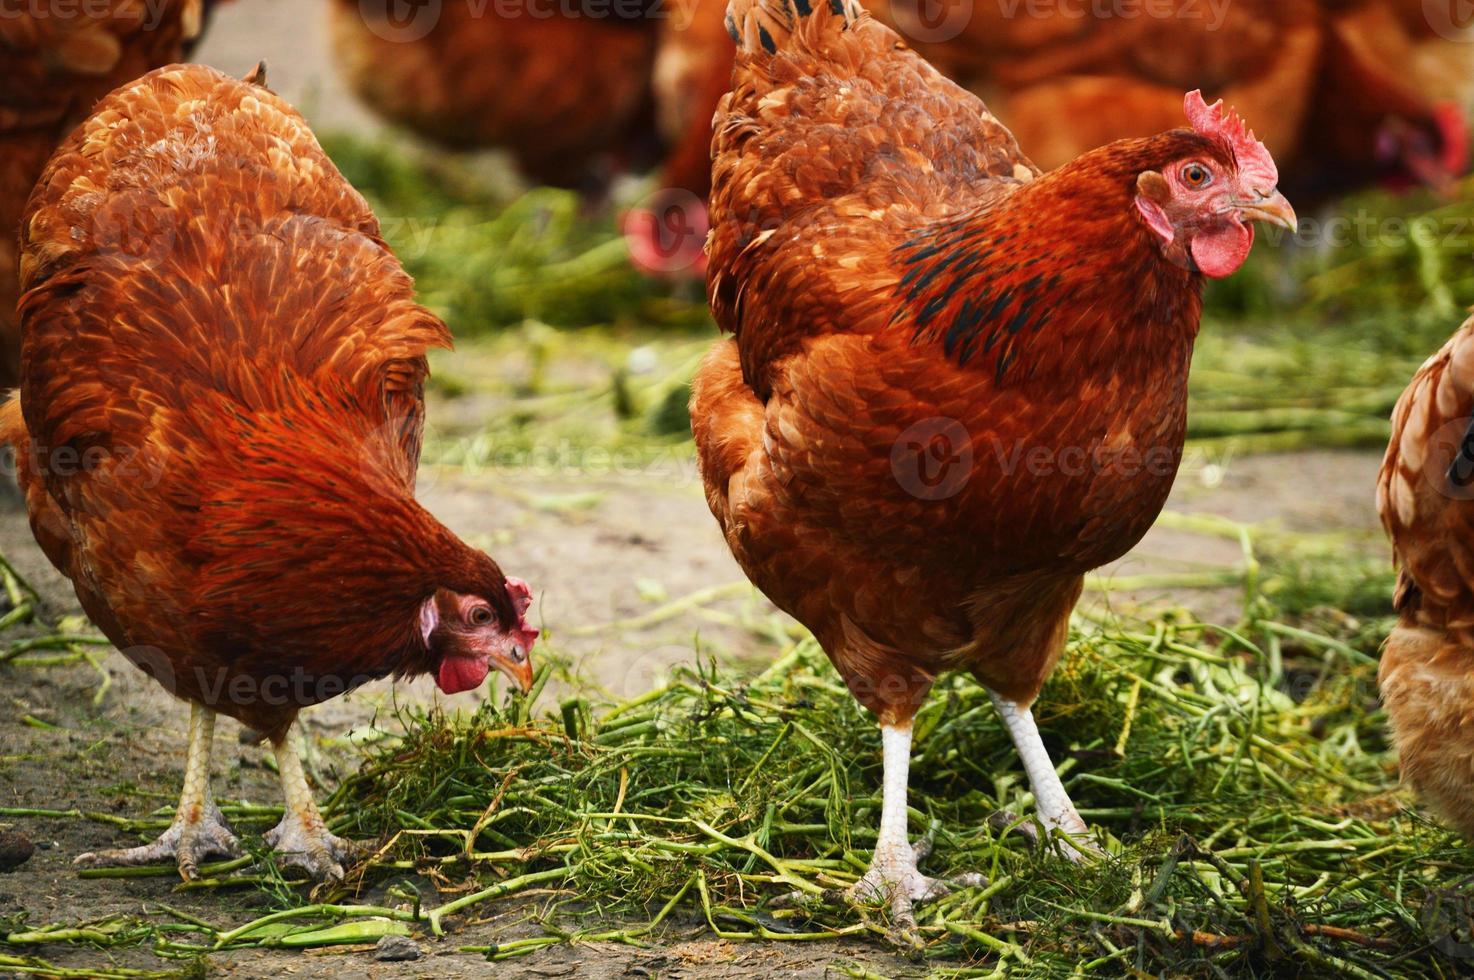 kippen op traditionele pluimveebedrijf met vrije uitloop foto